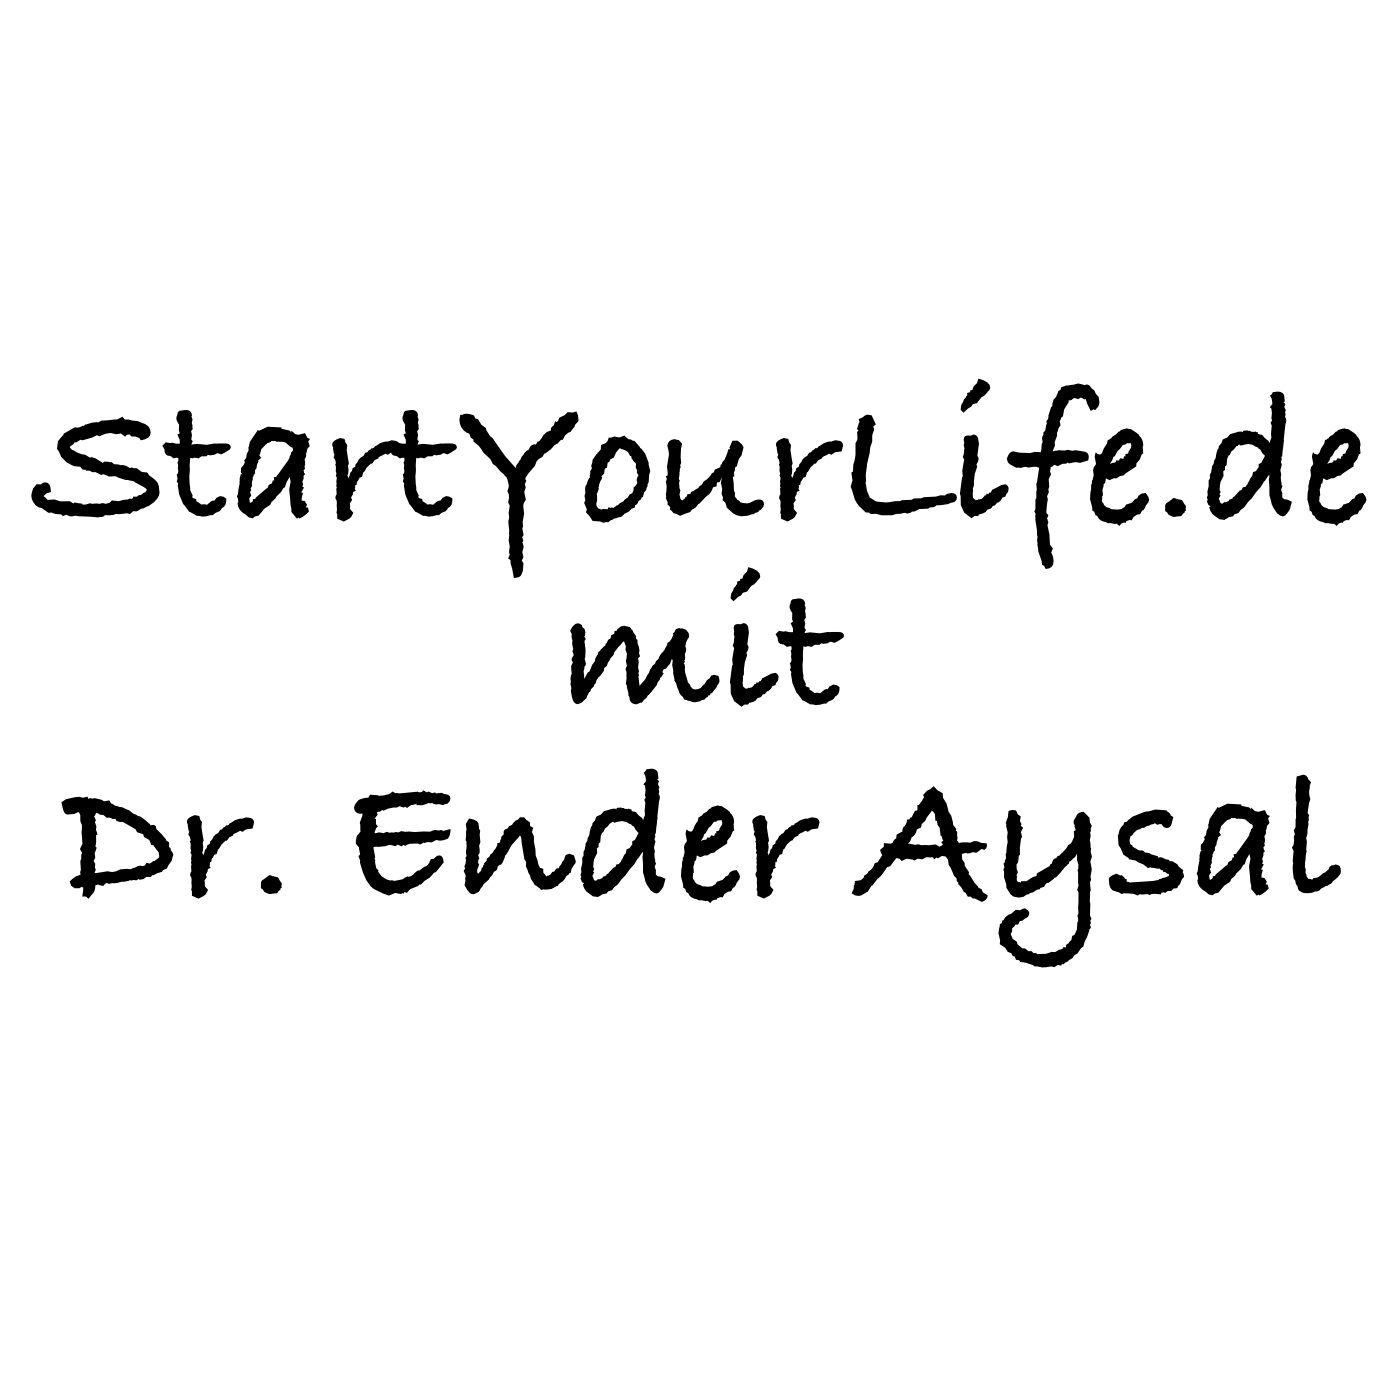 Dr Ender Aysal